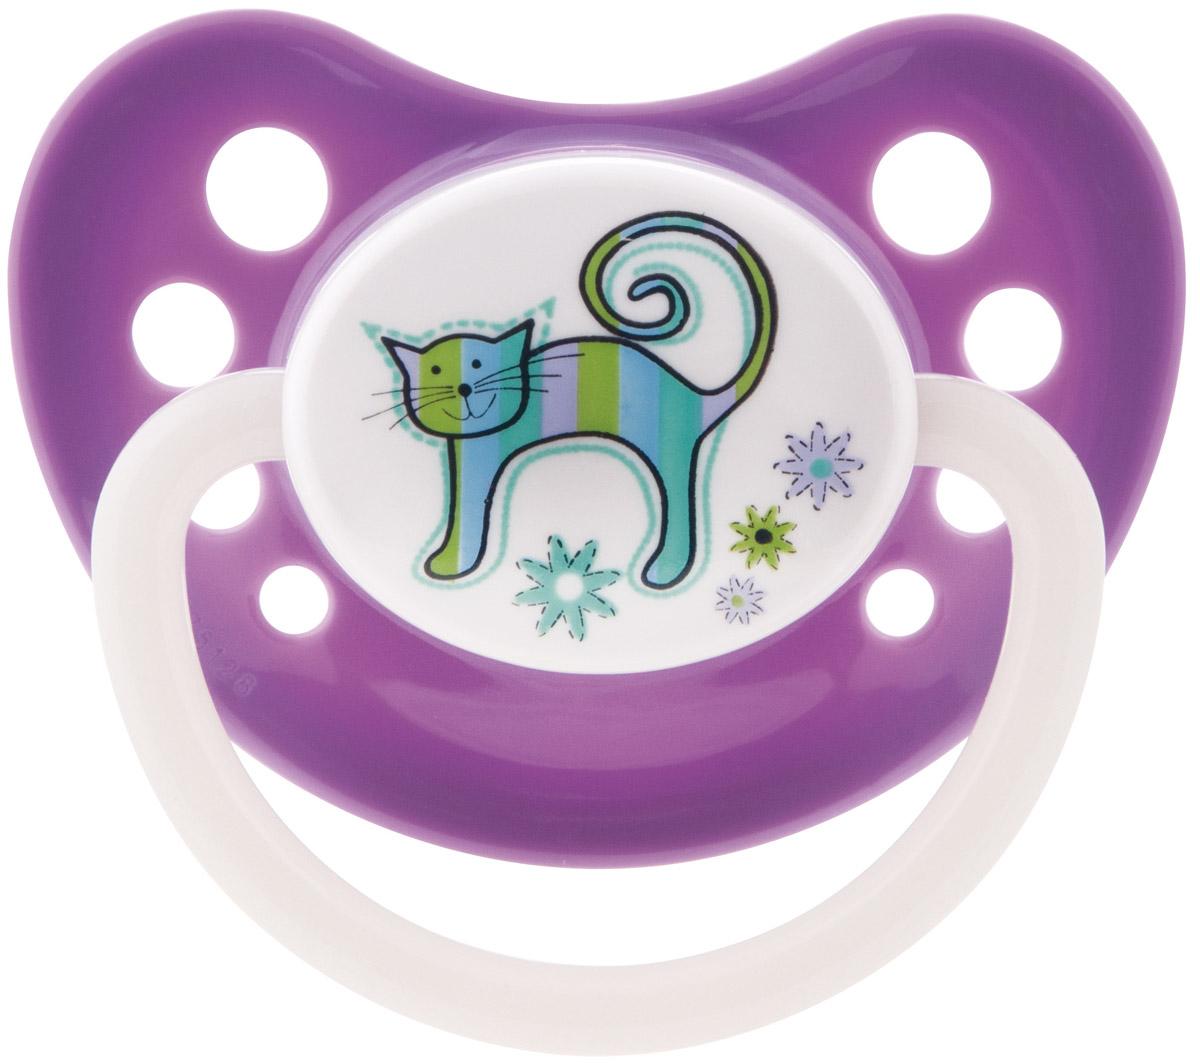 Canpol Babies Пустышка латексная ортодонтическая Zoo от 6 до 18 месяцев цвет фиолетовый